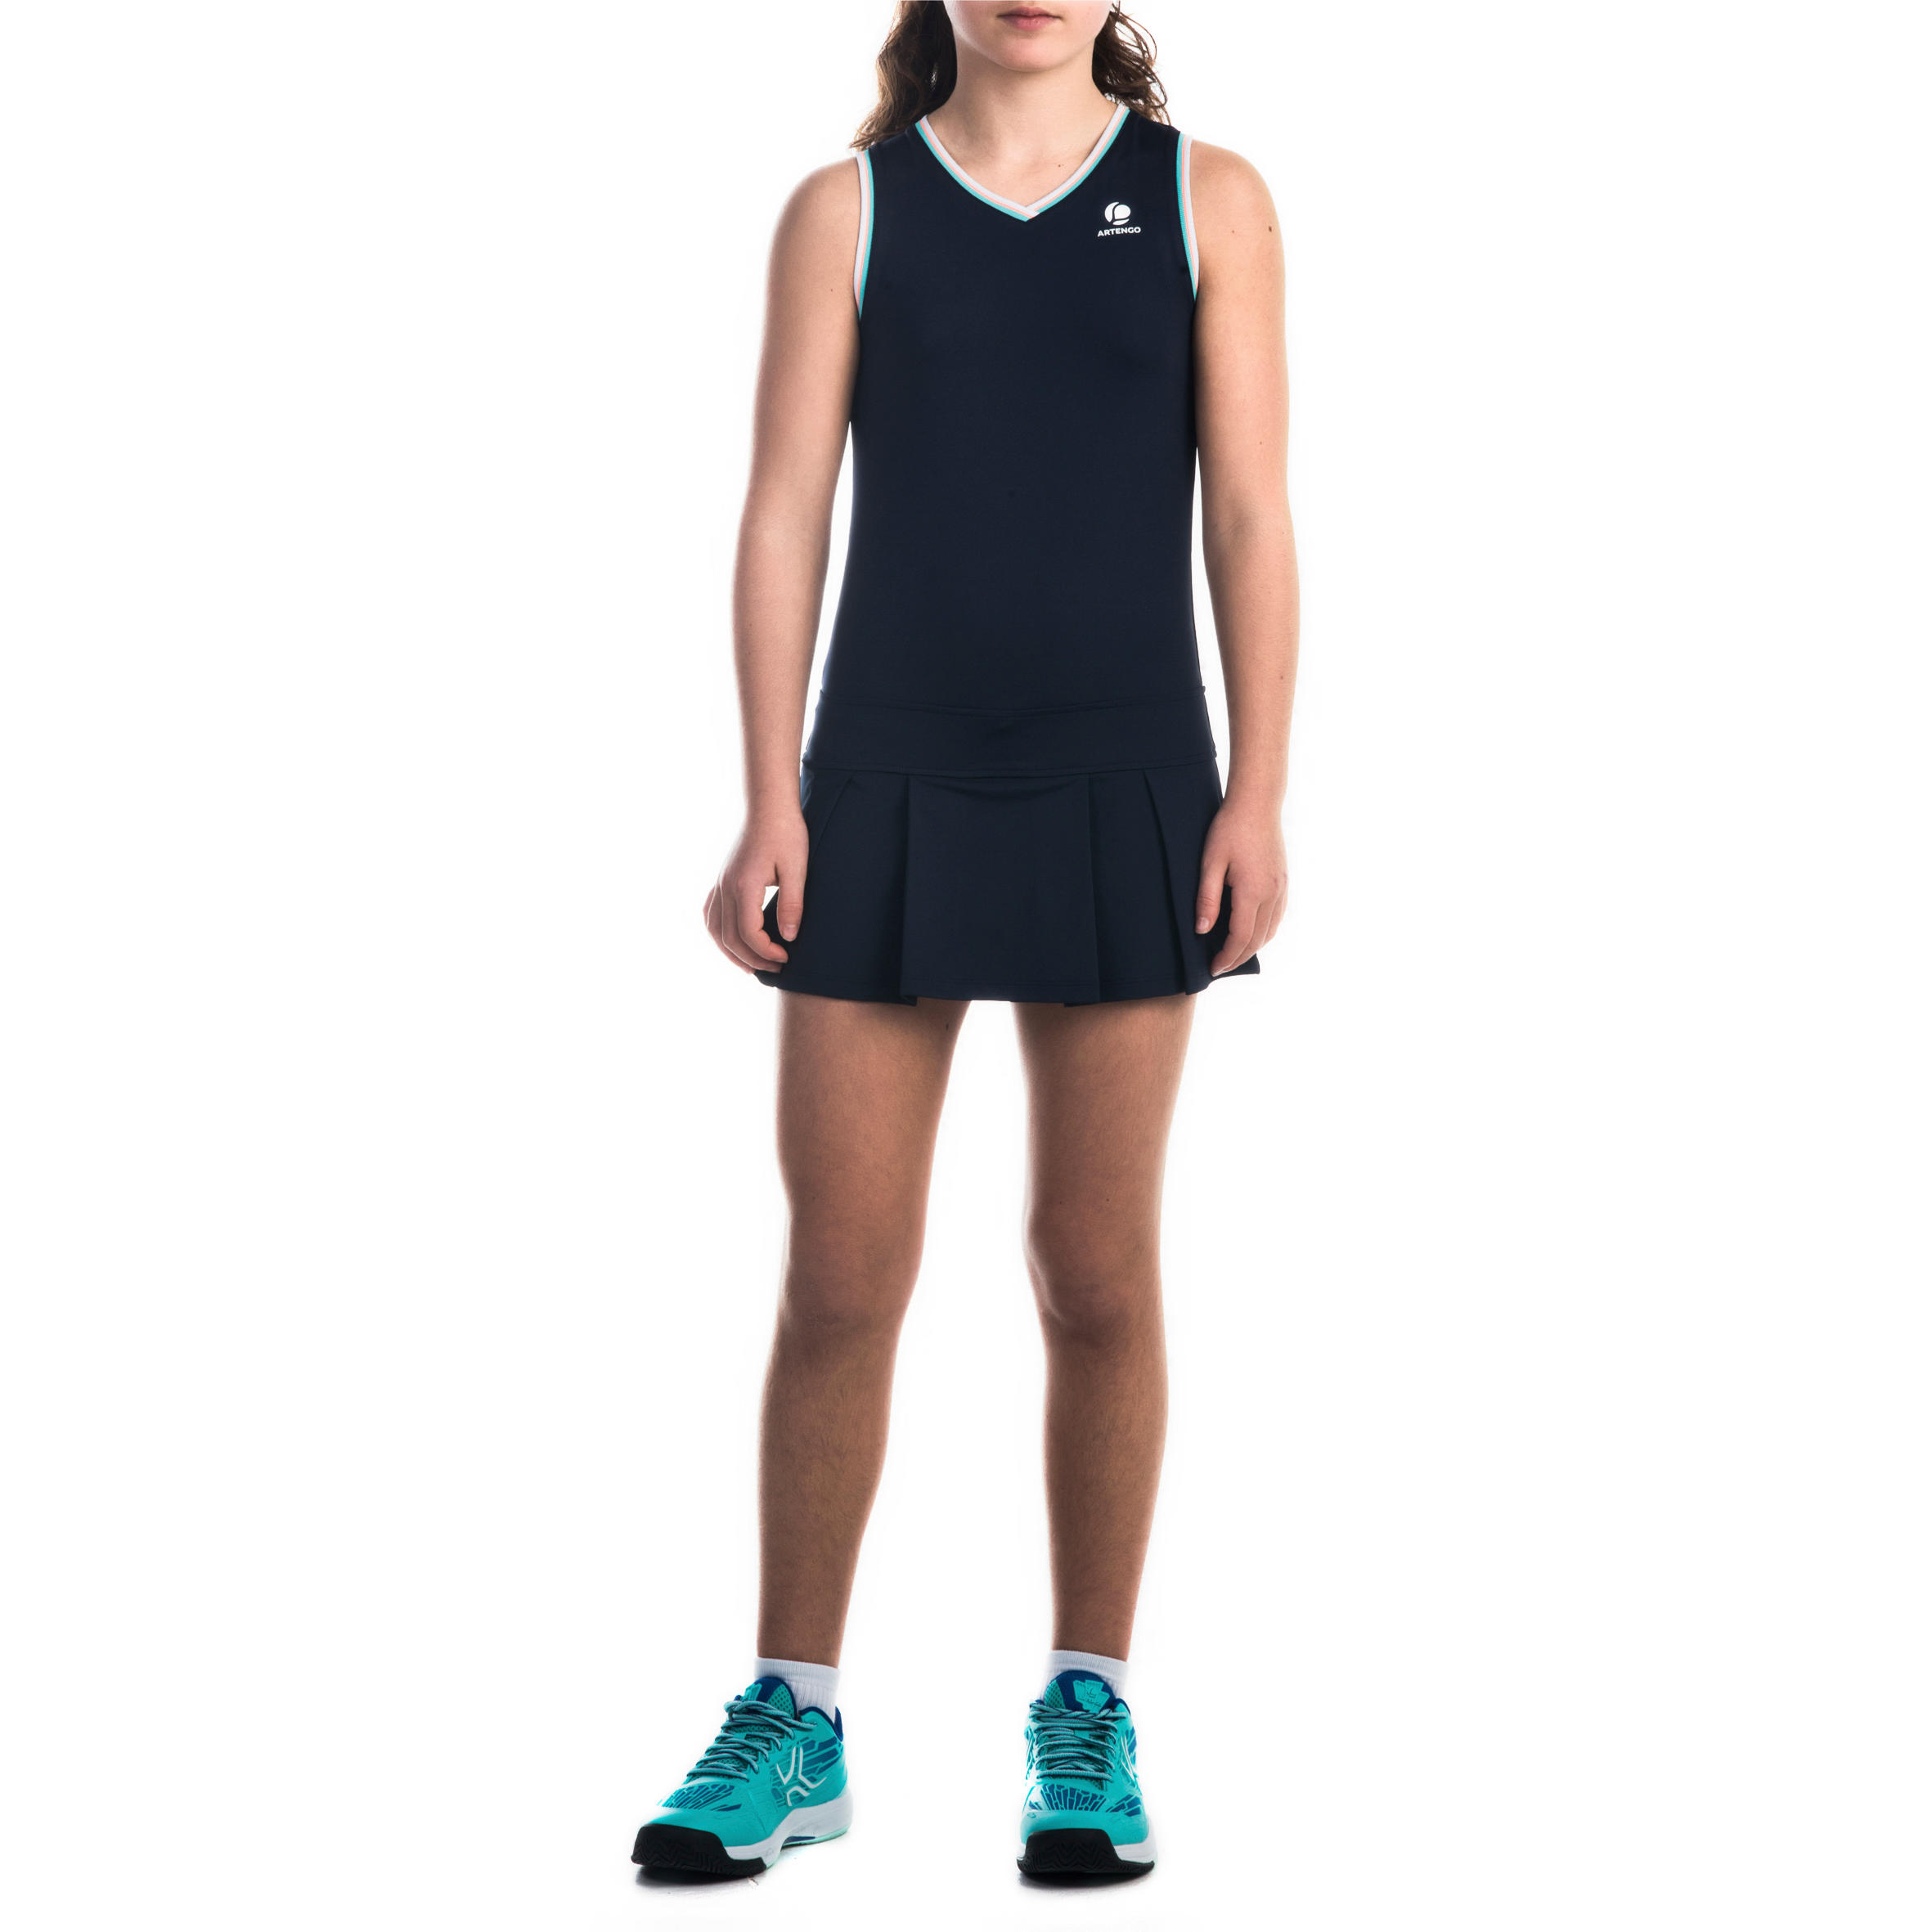 500 Girls' Dress - Navy Blue